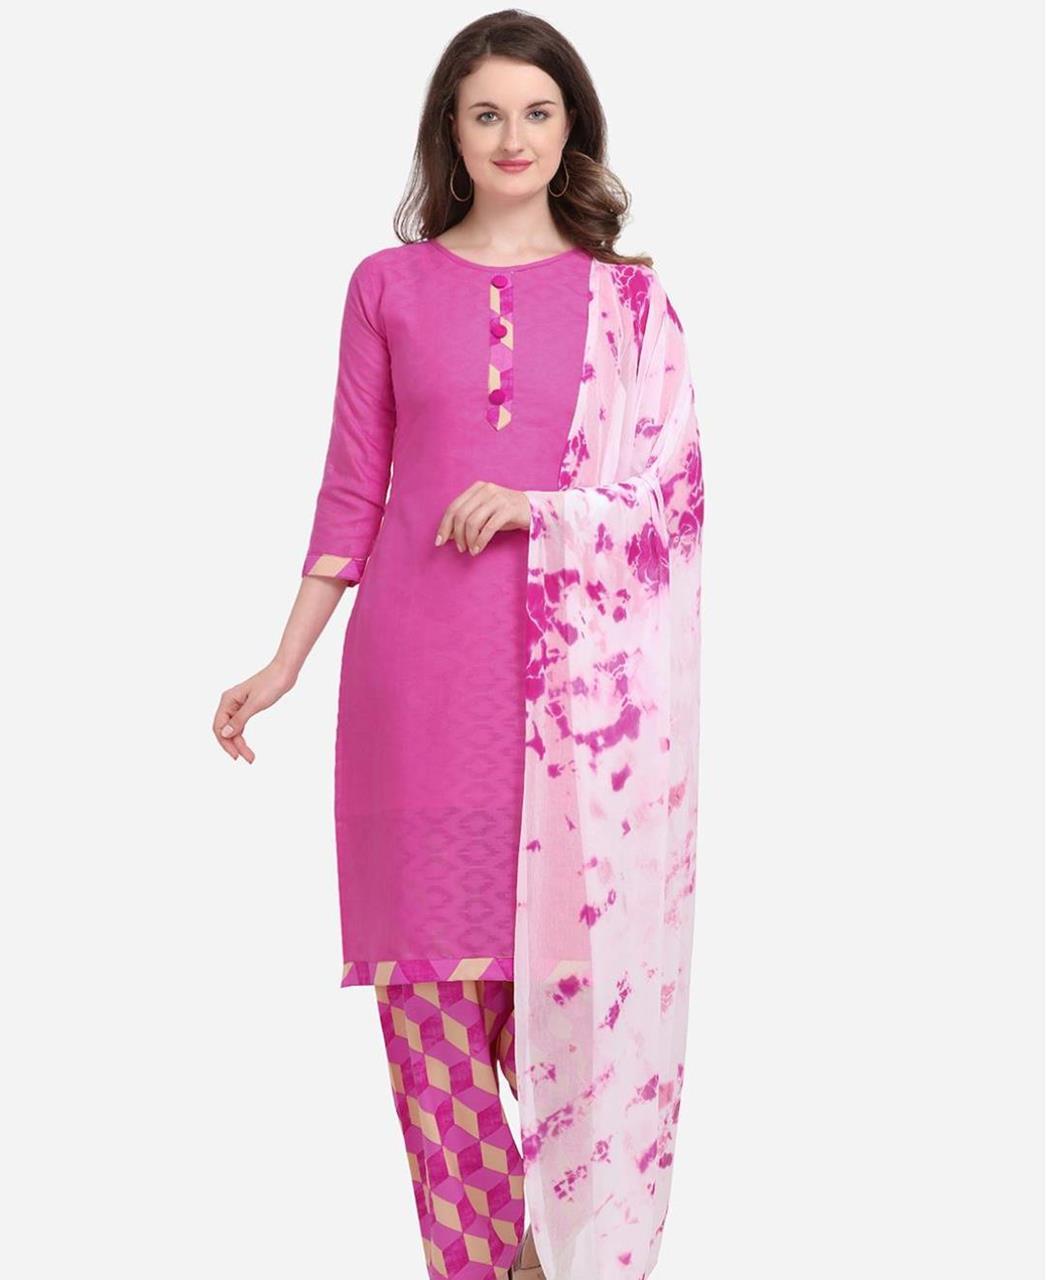 Embroidered Cotton Patiyala Suit Salwar in Rani Pink